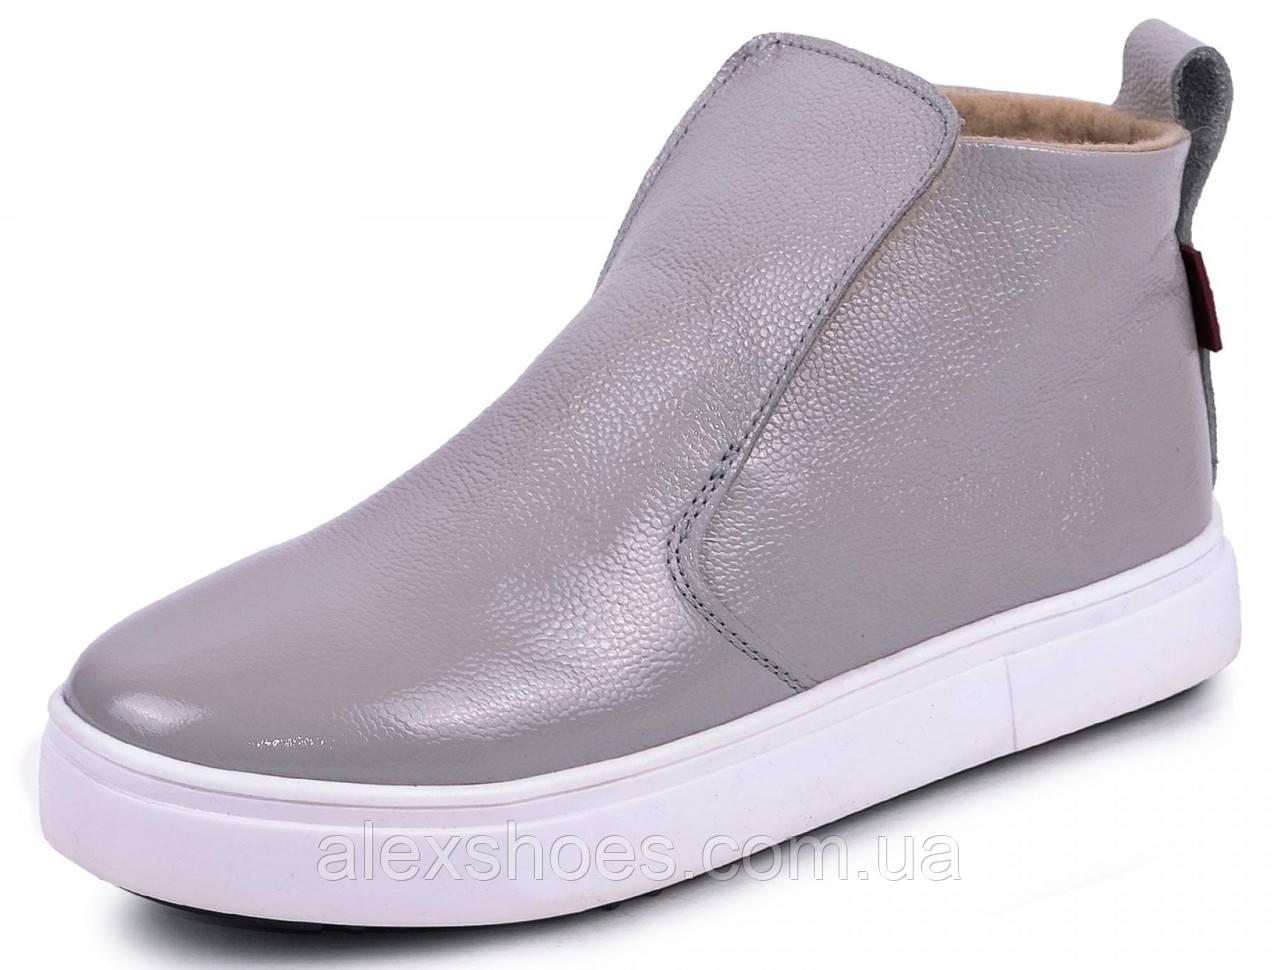 Ботинки демисезонные маленького размера 32,33,34,35 из натуральной кожи от производителя модель МАК1212М